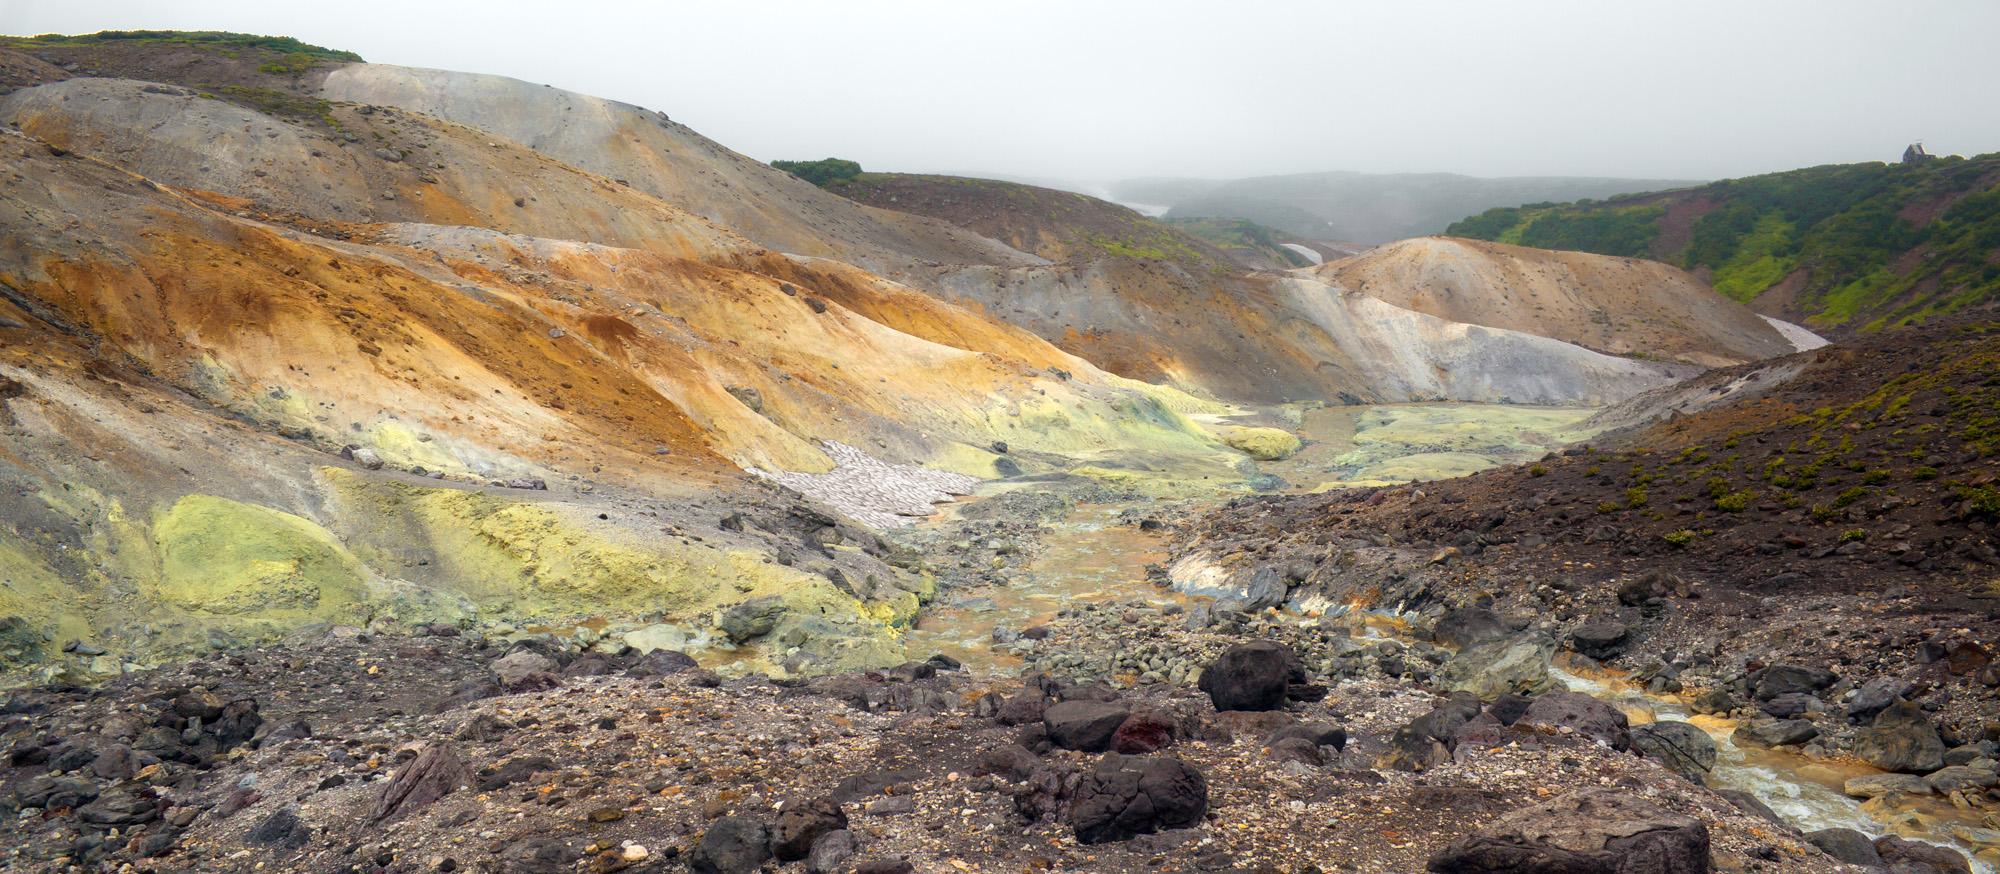 Долина смерти унесла жизни многих людей и животных